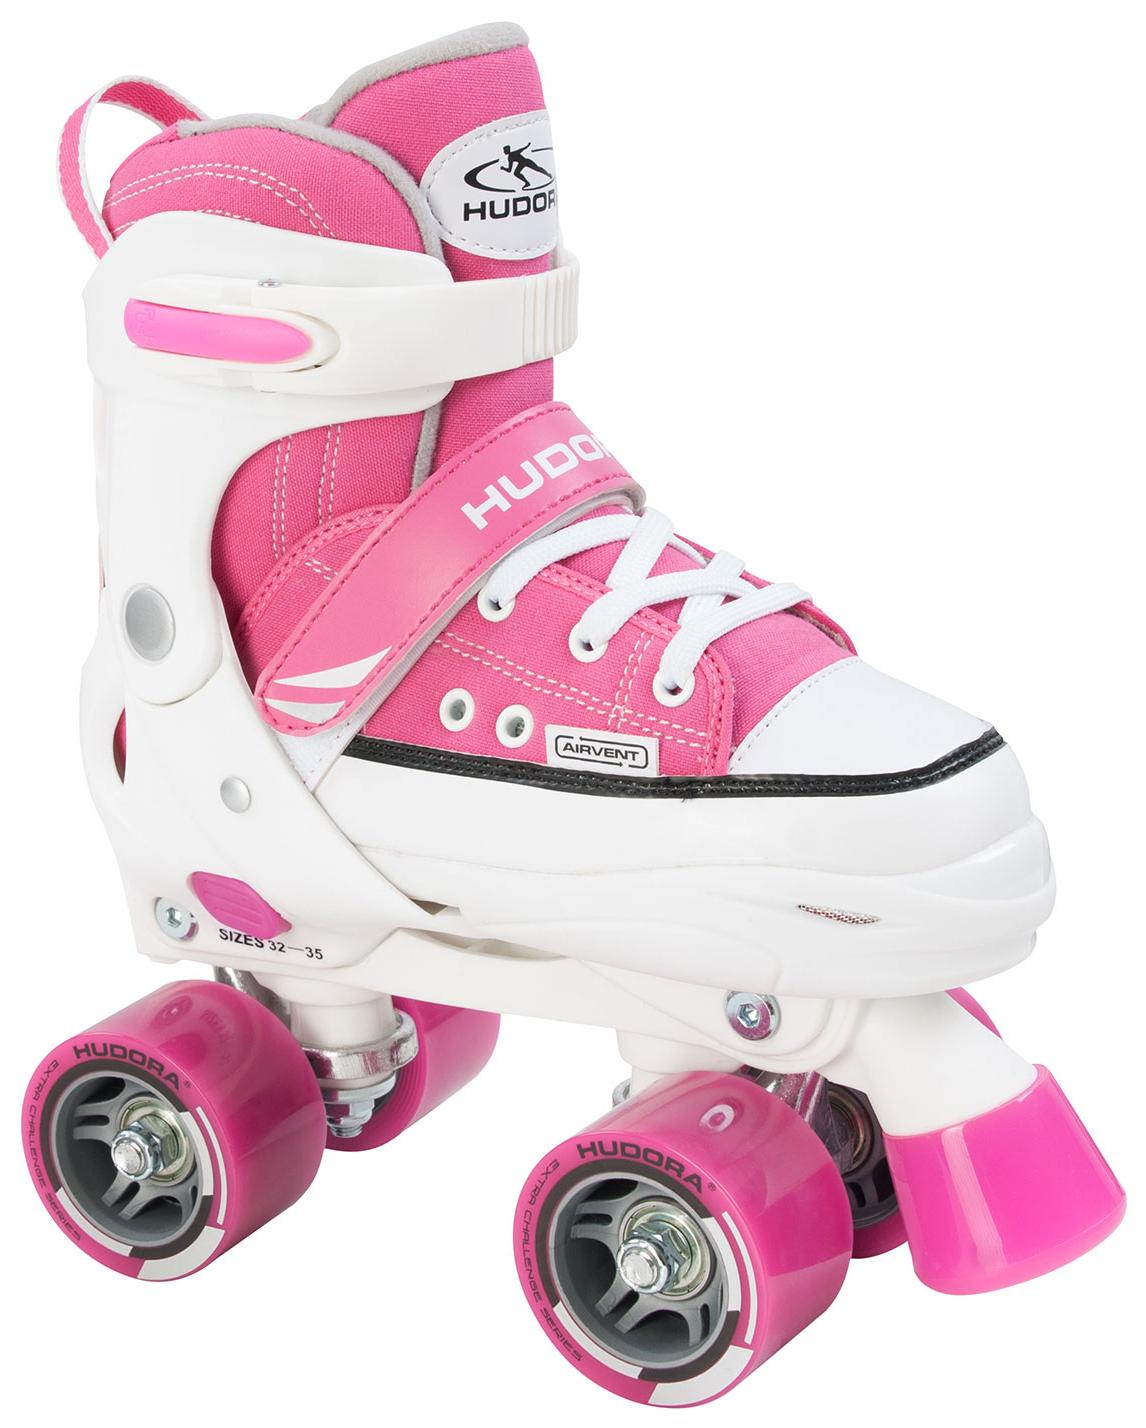 Роликовые коньки раздвижные детские Hudora Roller Skates